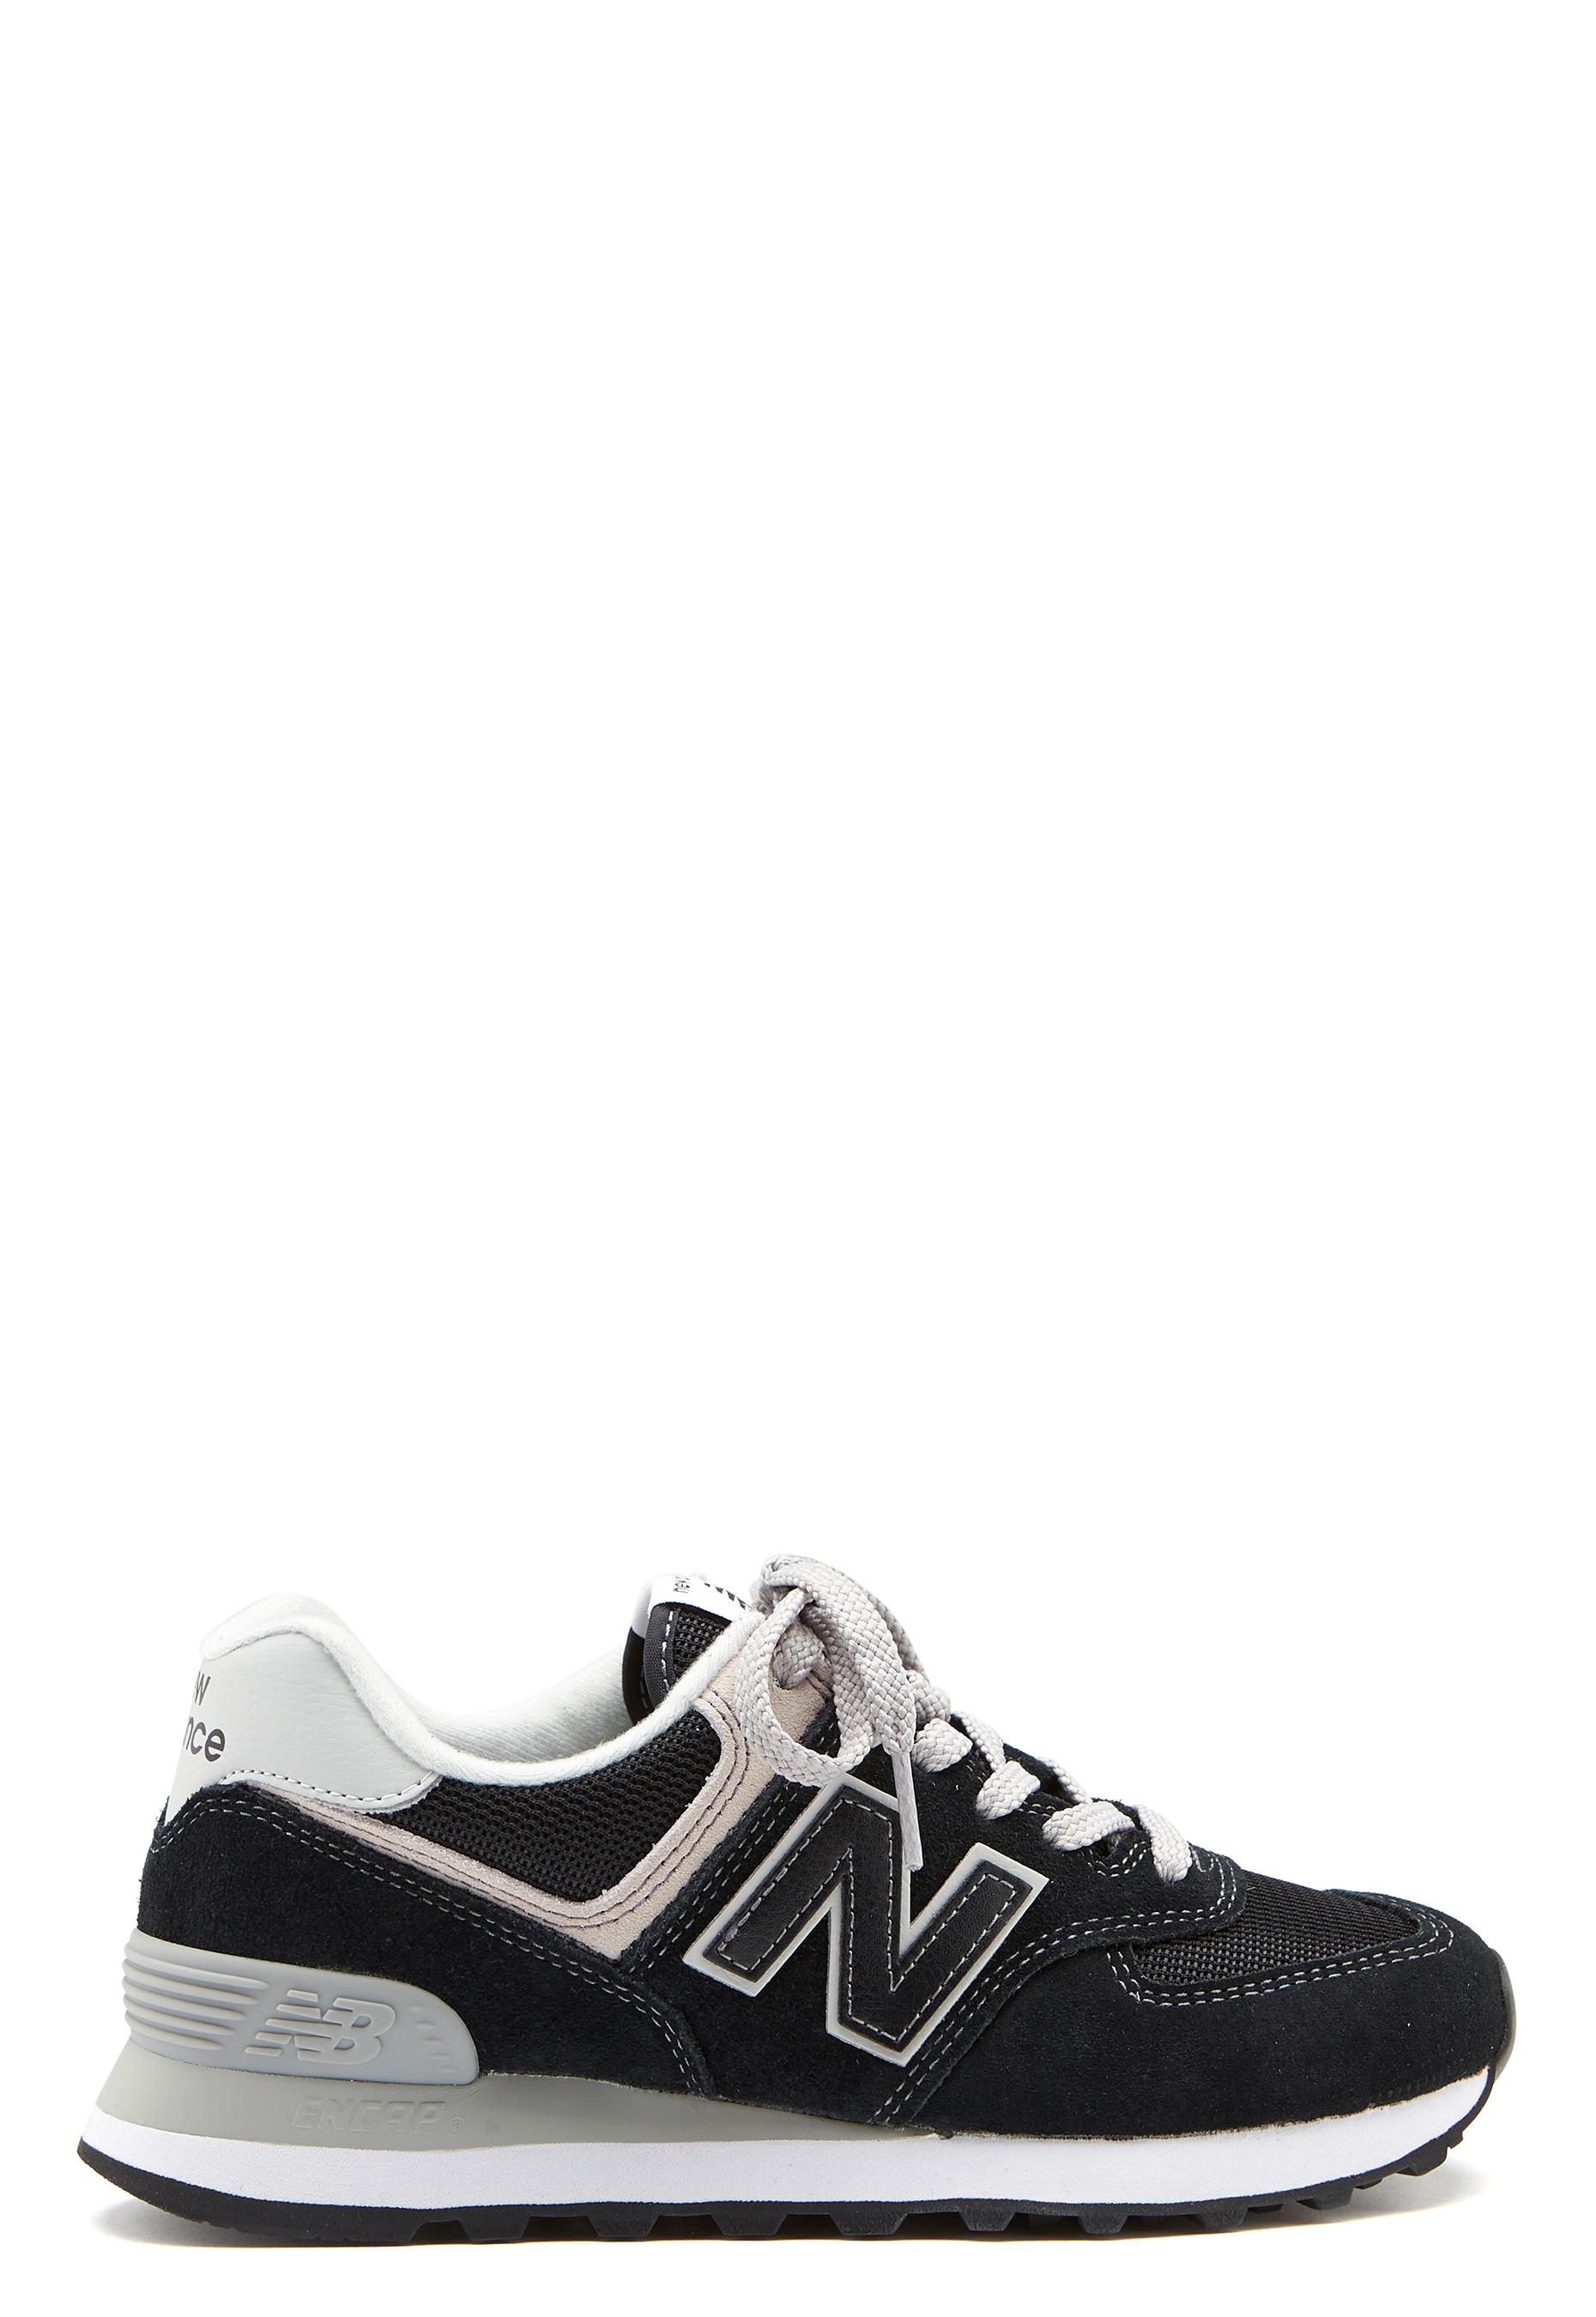 brand new db0e5 ce518 New Balance WL574 Sneakers Black/White - Bubbleroom